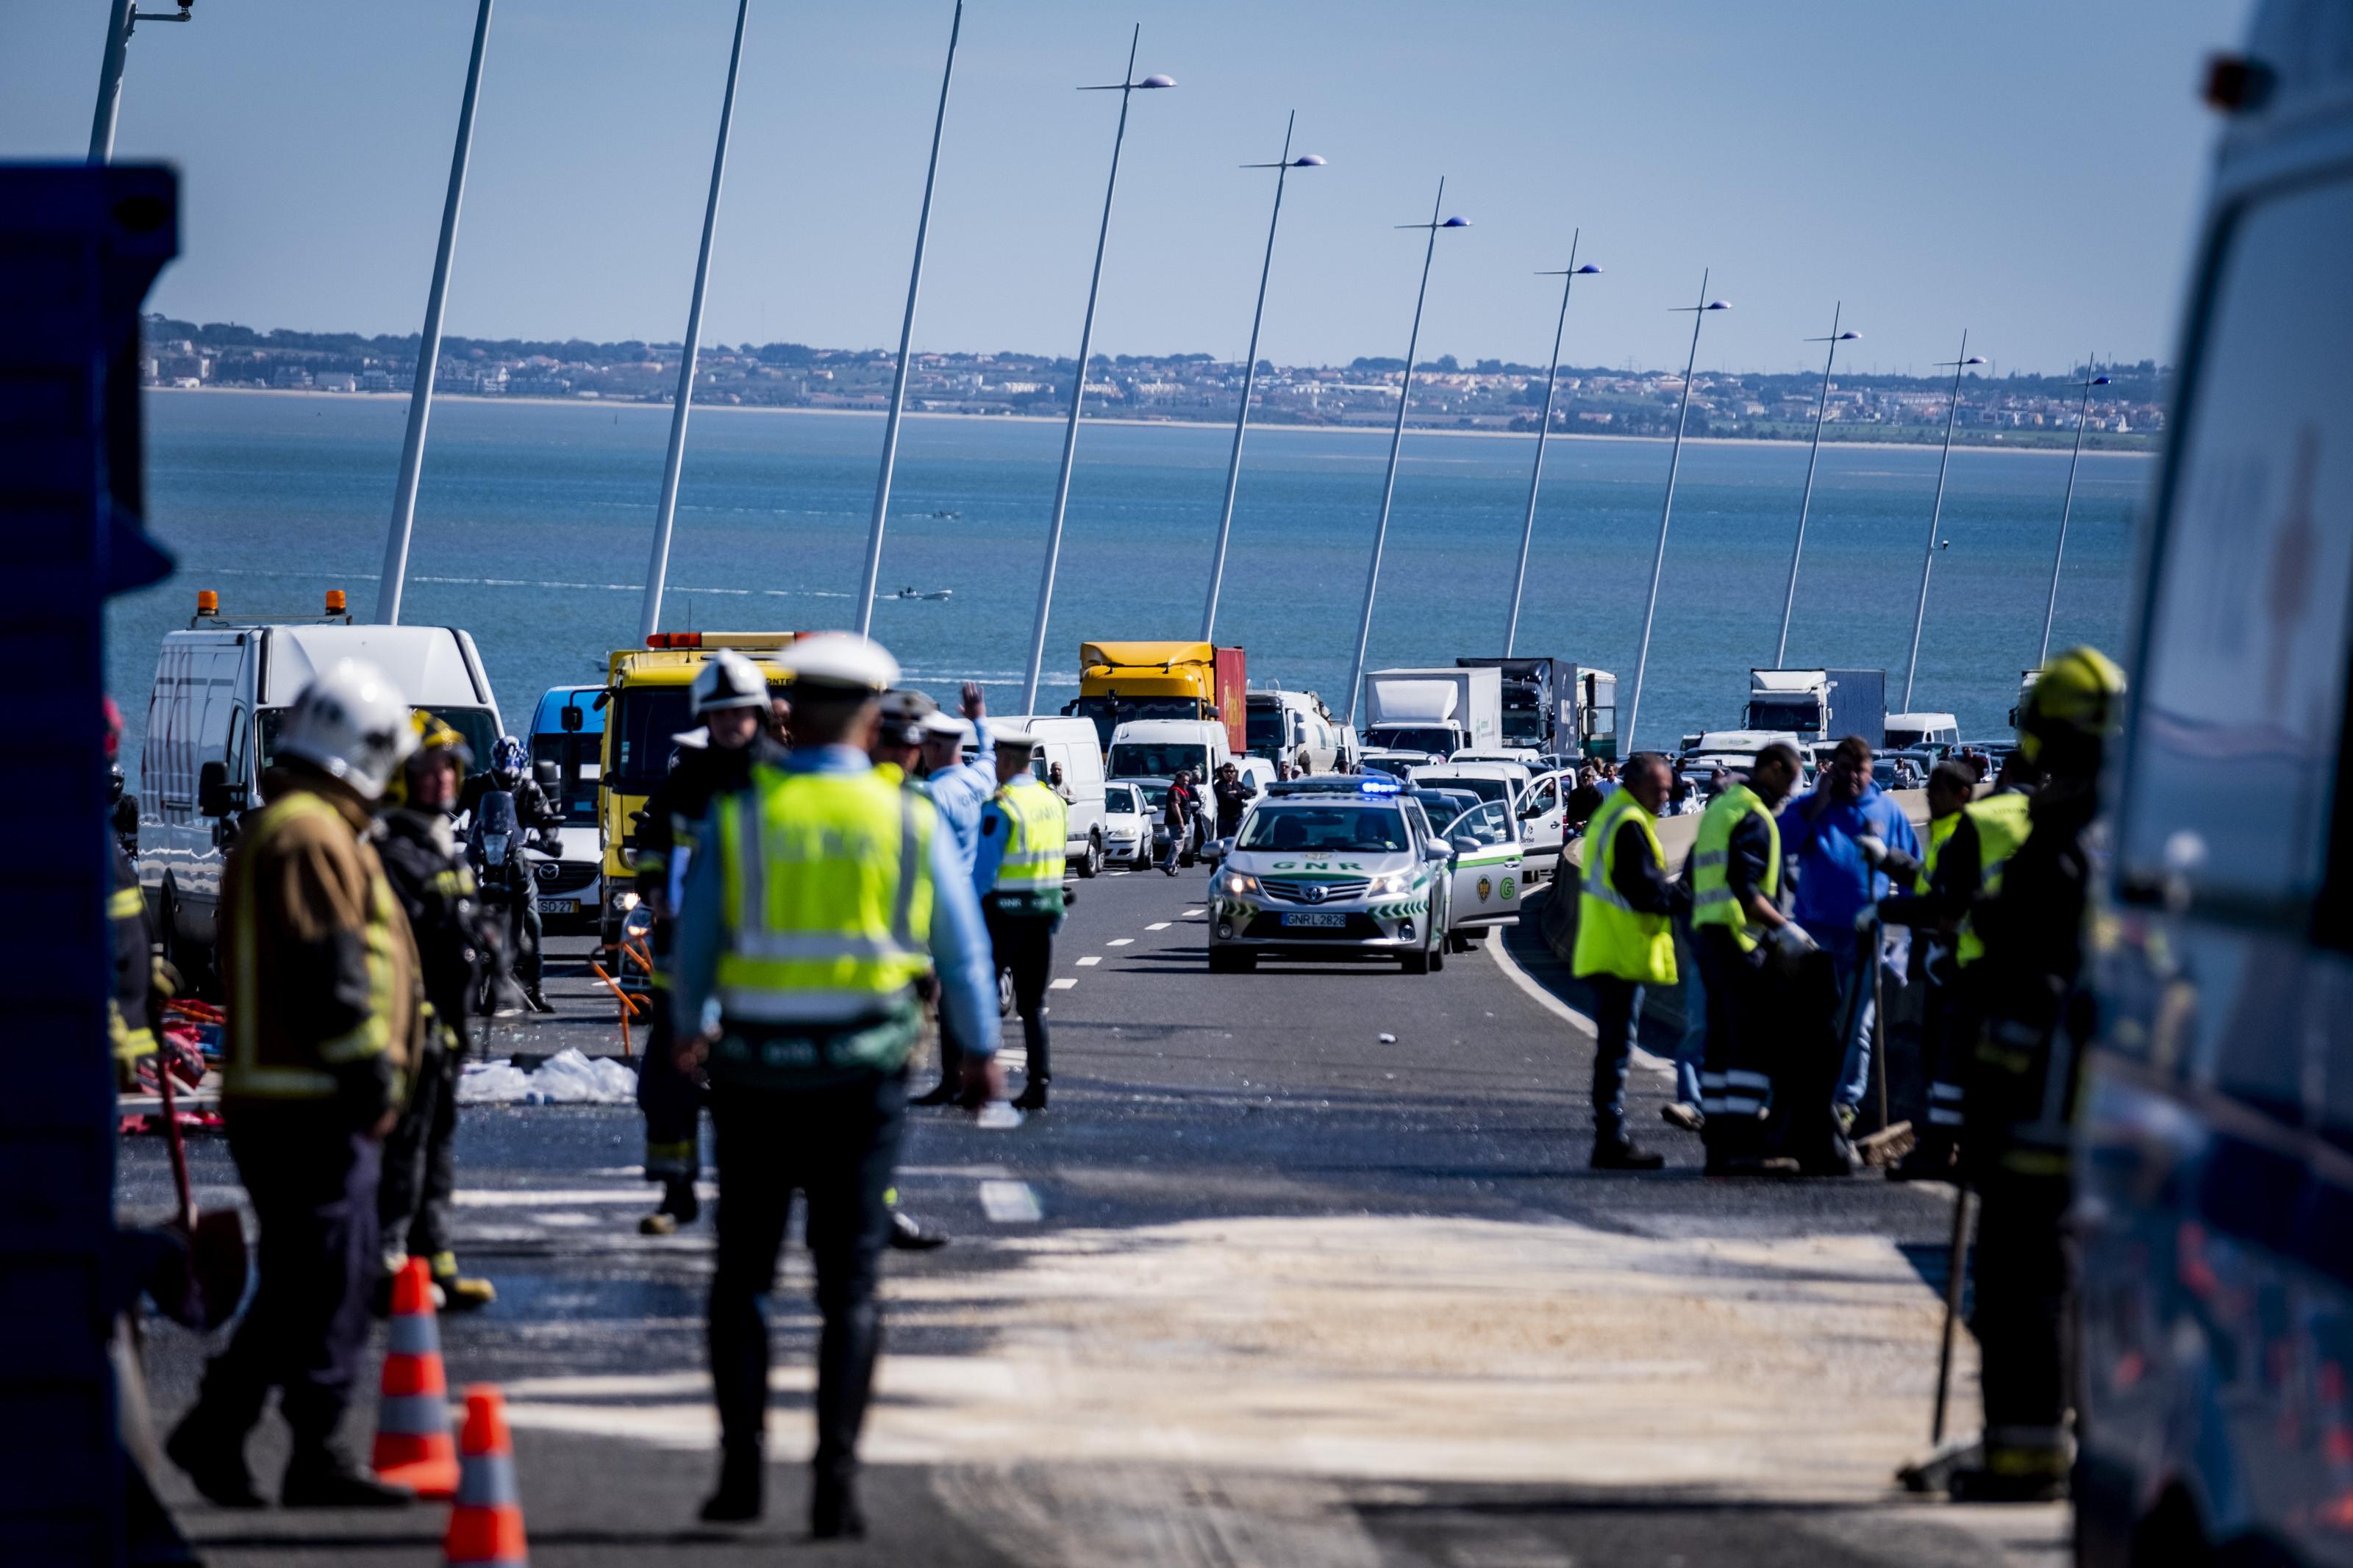 Ainda não há previsão de reabertura da Vasco da Gama em direção a Lisboa